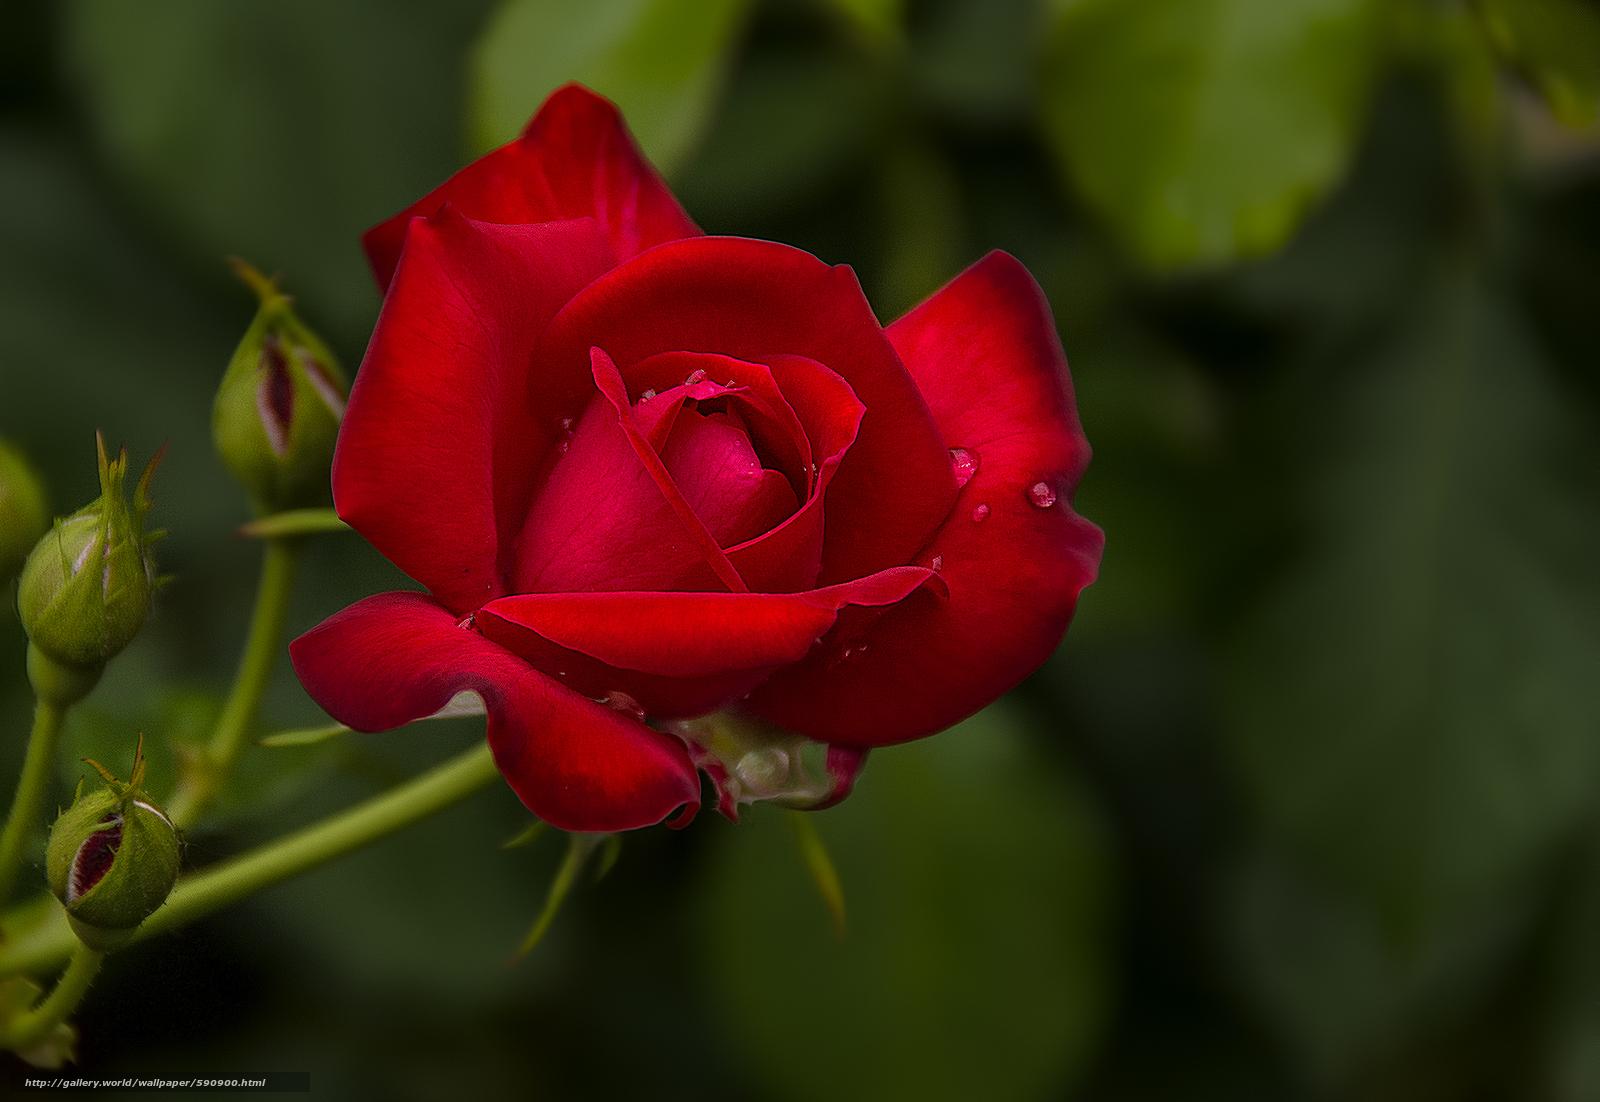 pobra tapety róża,  kwiat,  flora Darmowe tapety na pulpit rozdzielczoci 2100x1447 — zdjcie №590900